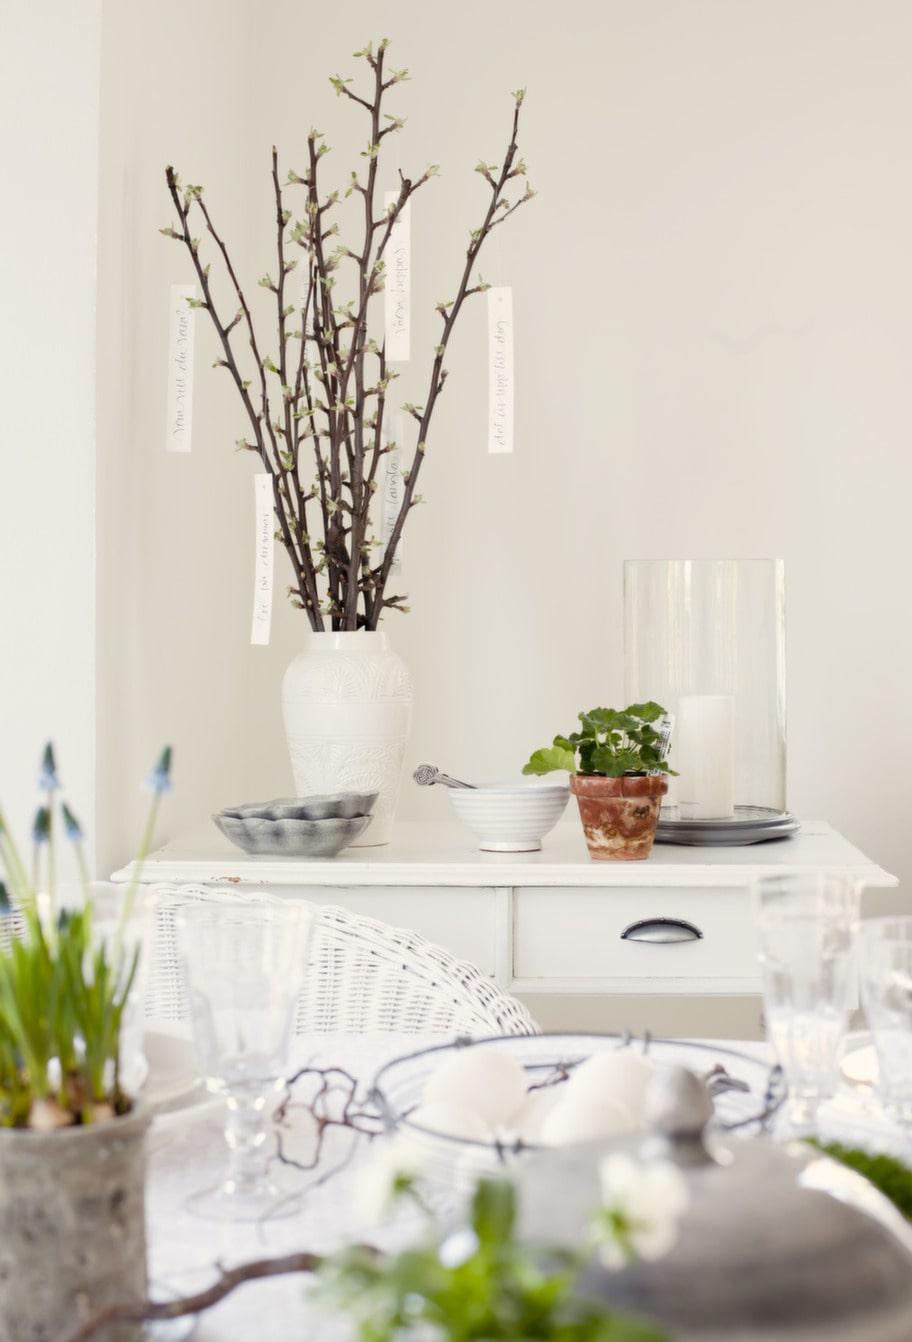 Trolskt tema. Efter en lång vinter är det lätt att finna inspiration av naturens under. Ta in det gröna och ställ på bordet i vackra vaser i varierande färg och form för en fantasifull dukning.